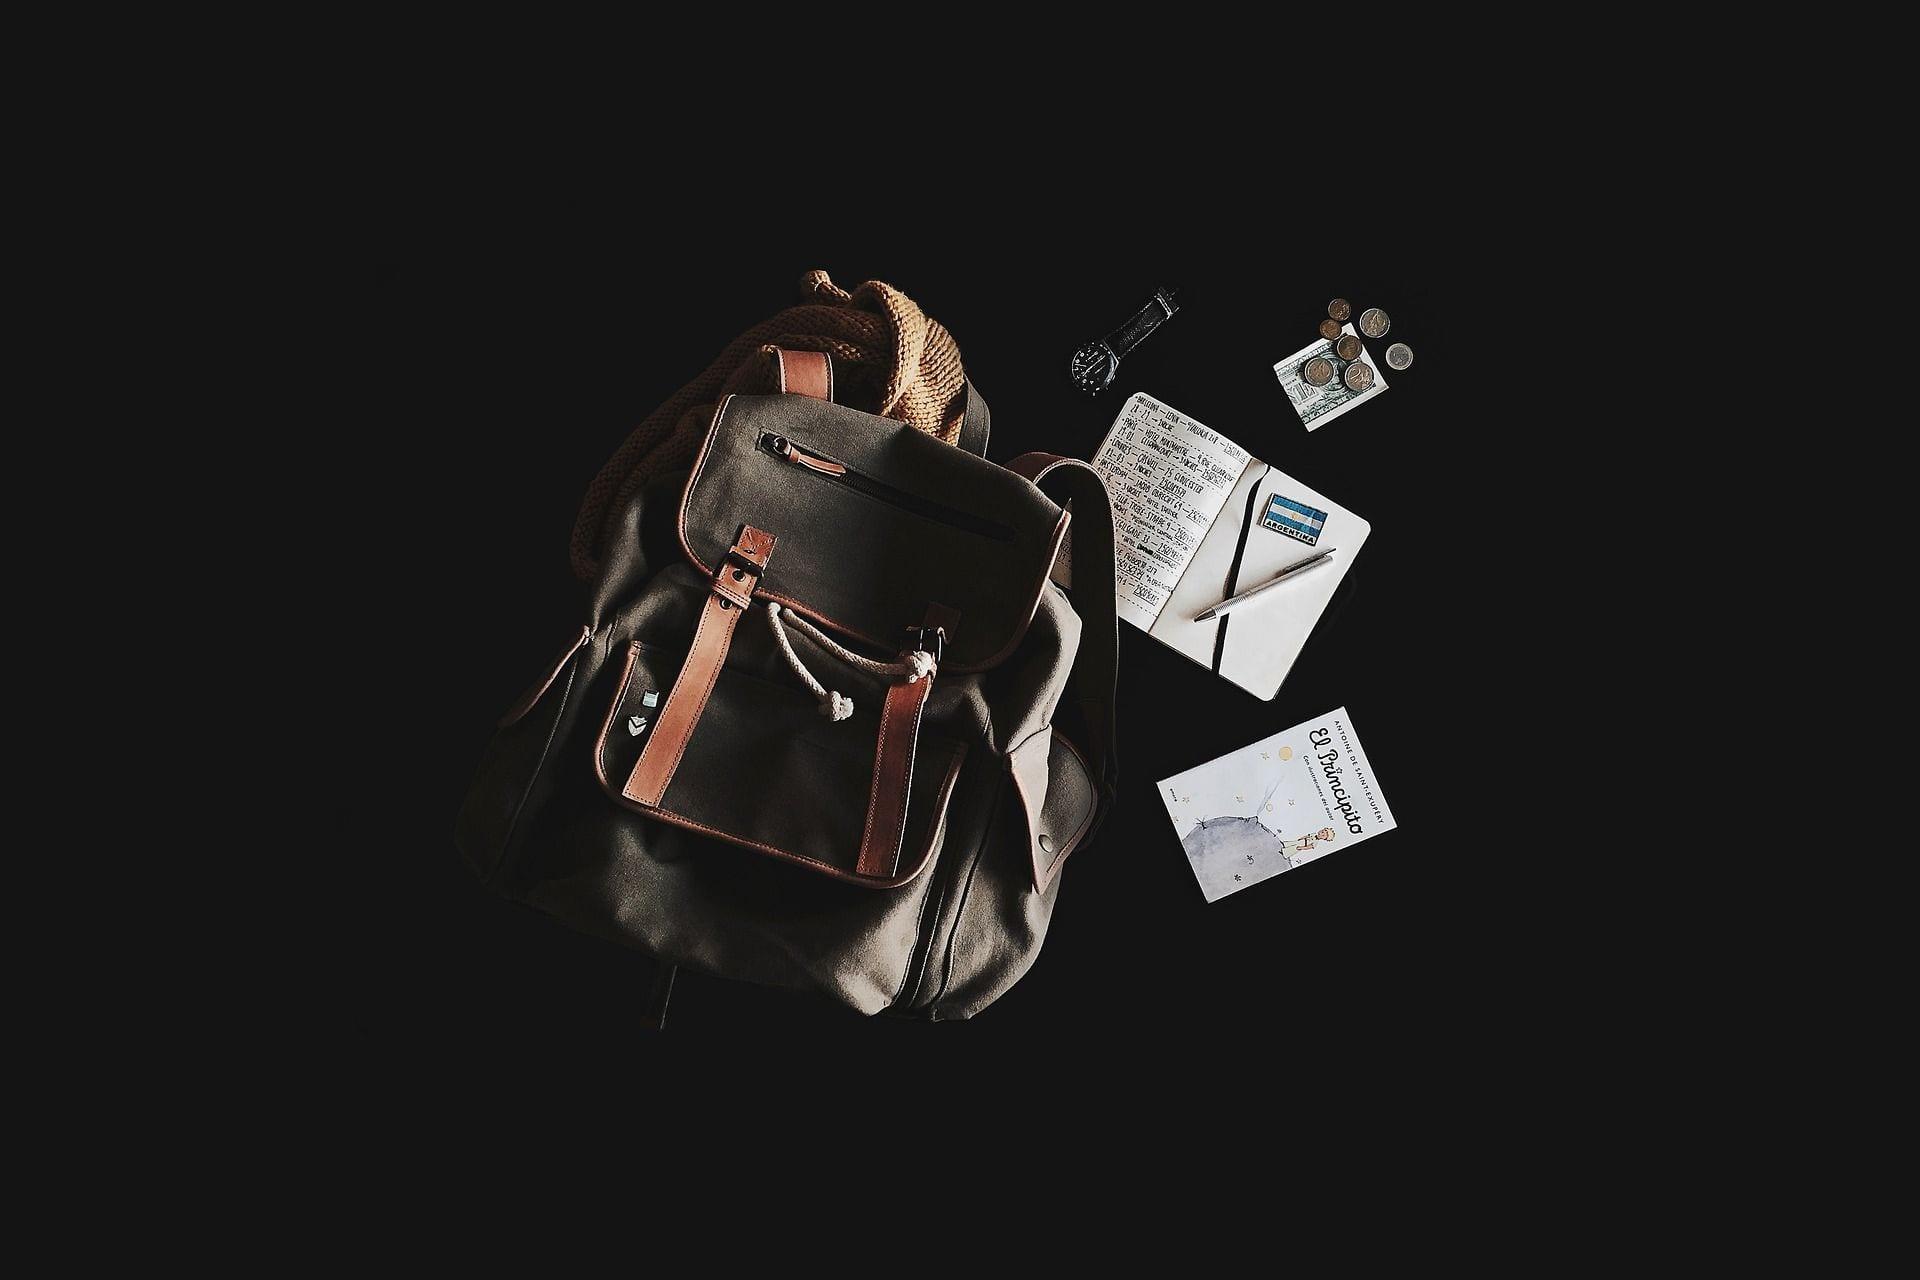 comment voyager responsable : sac à dos, carnets, montre